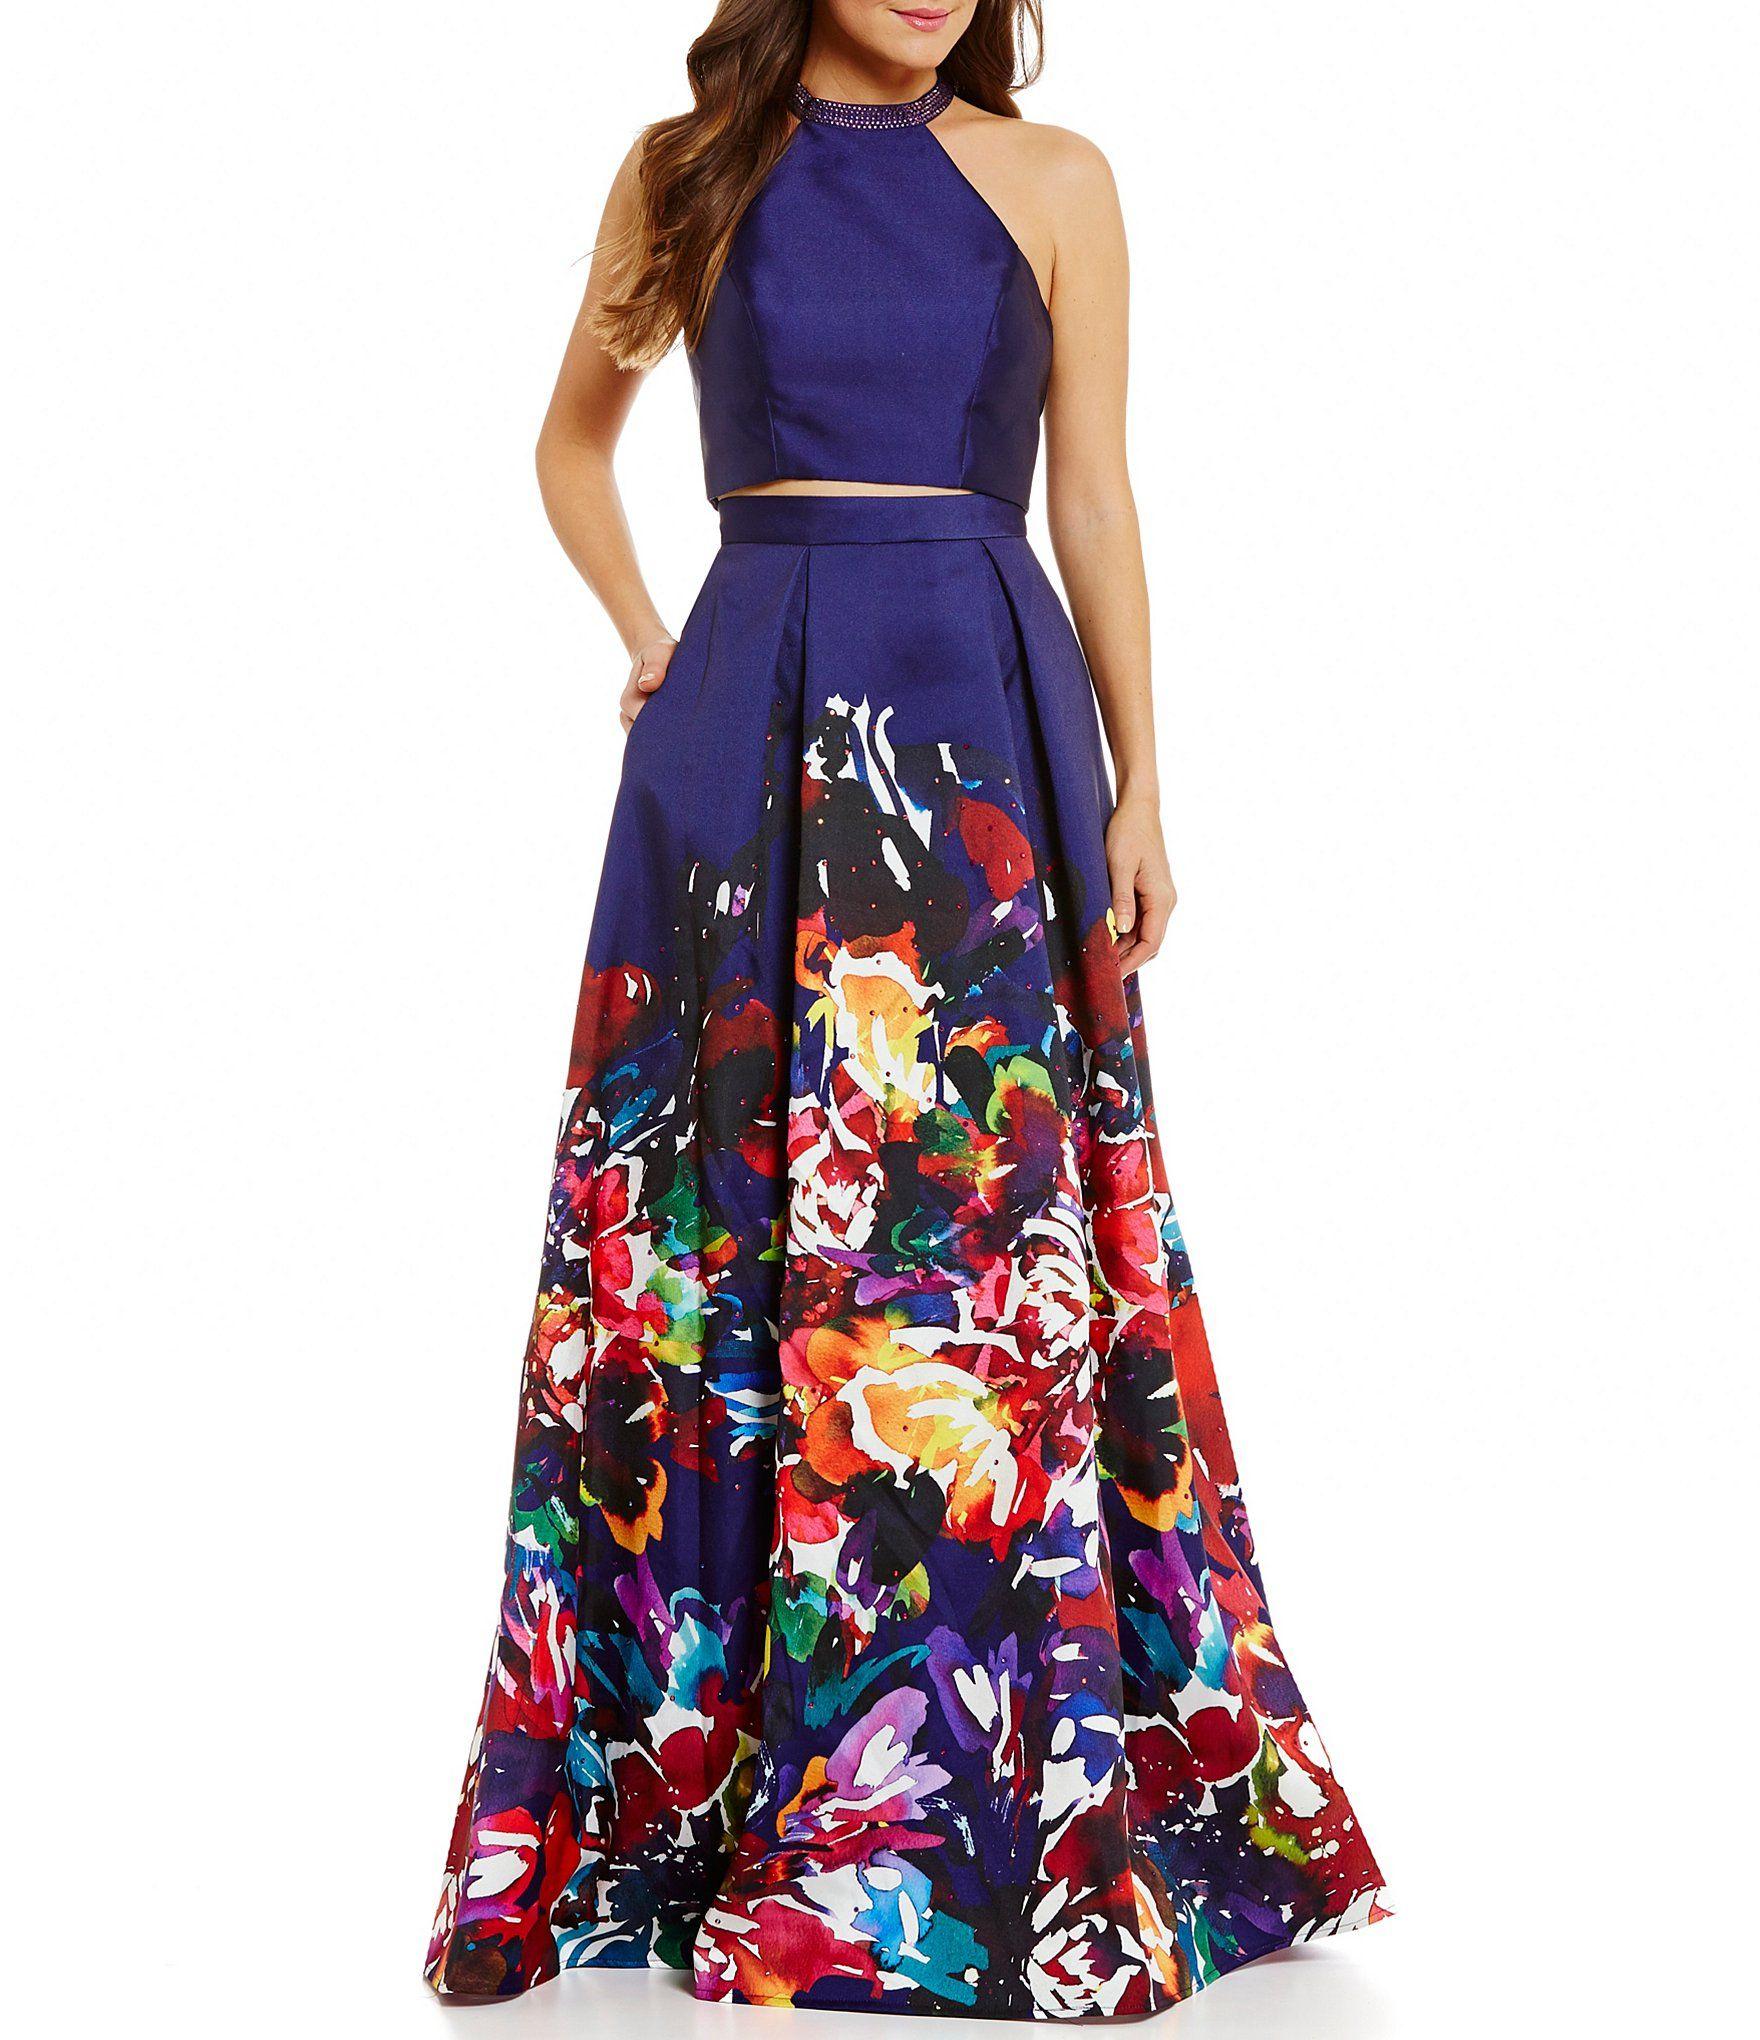 Ellie wilde high neck twopiece floralprinted ball gown dillards